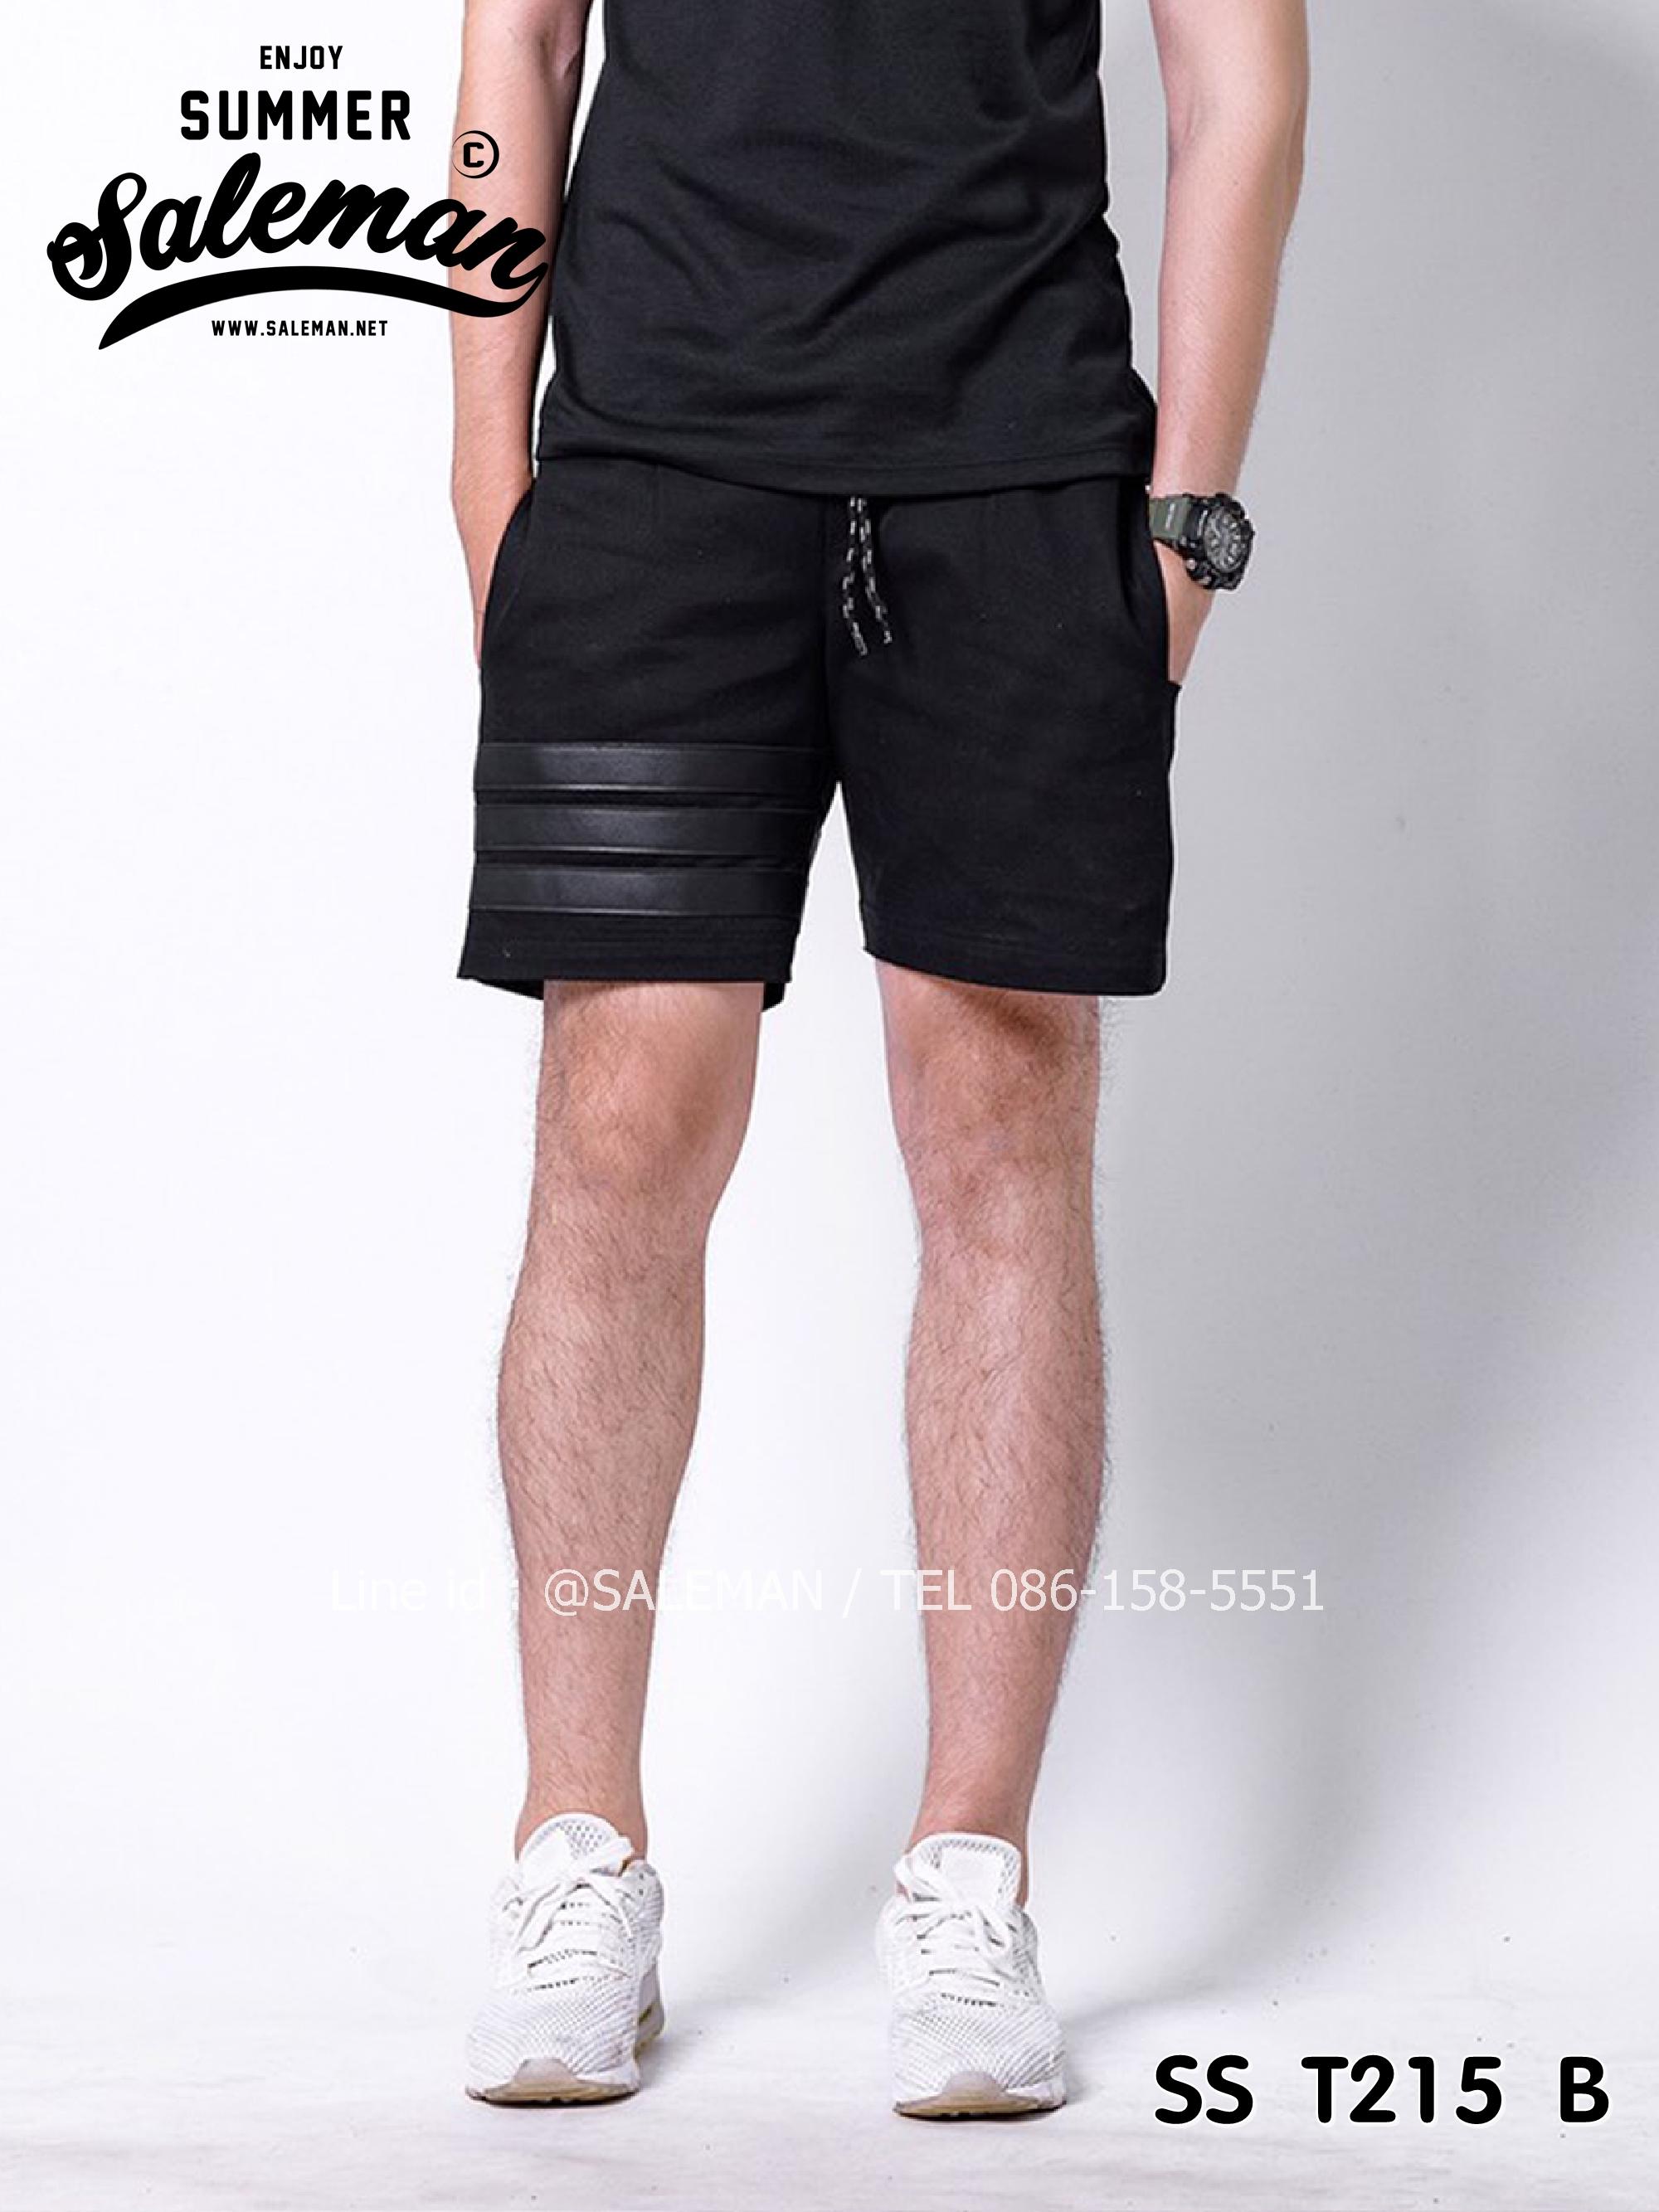 กางเกงขาสั้น พรีเมี่ยม ผ้า COTTON รหัส SST 215 B สีดำ แถบดำ SUMMER SALE